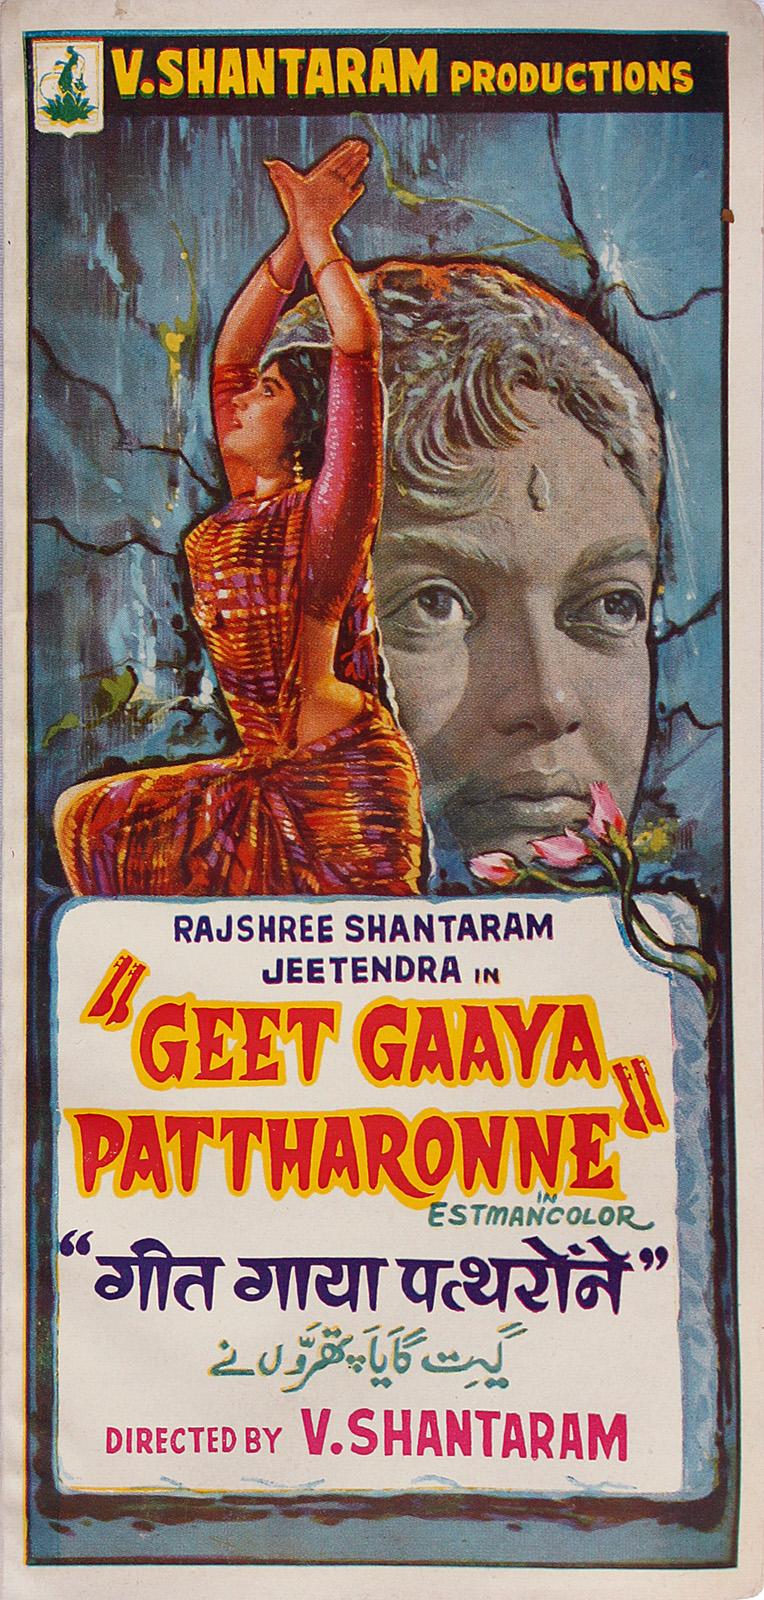 Poster of Geet Gaya Pattharon Ne